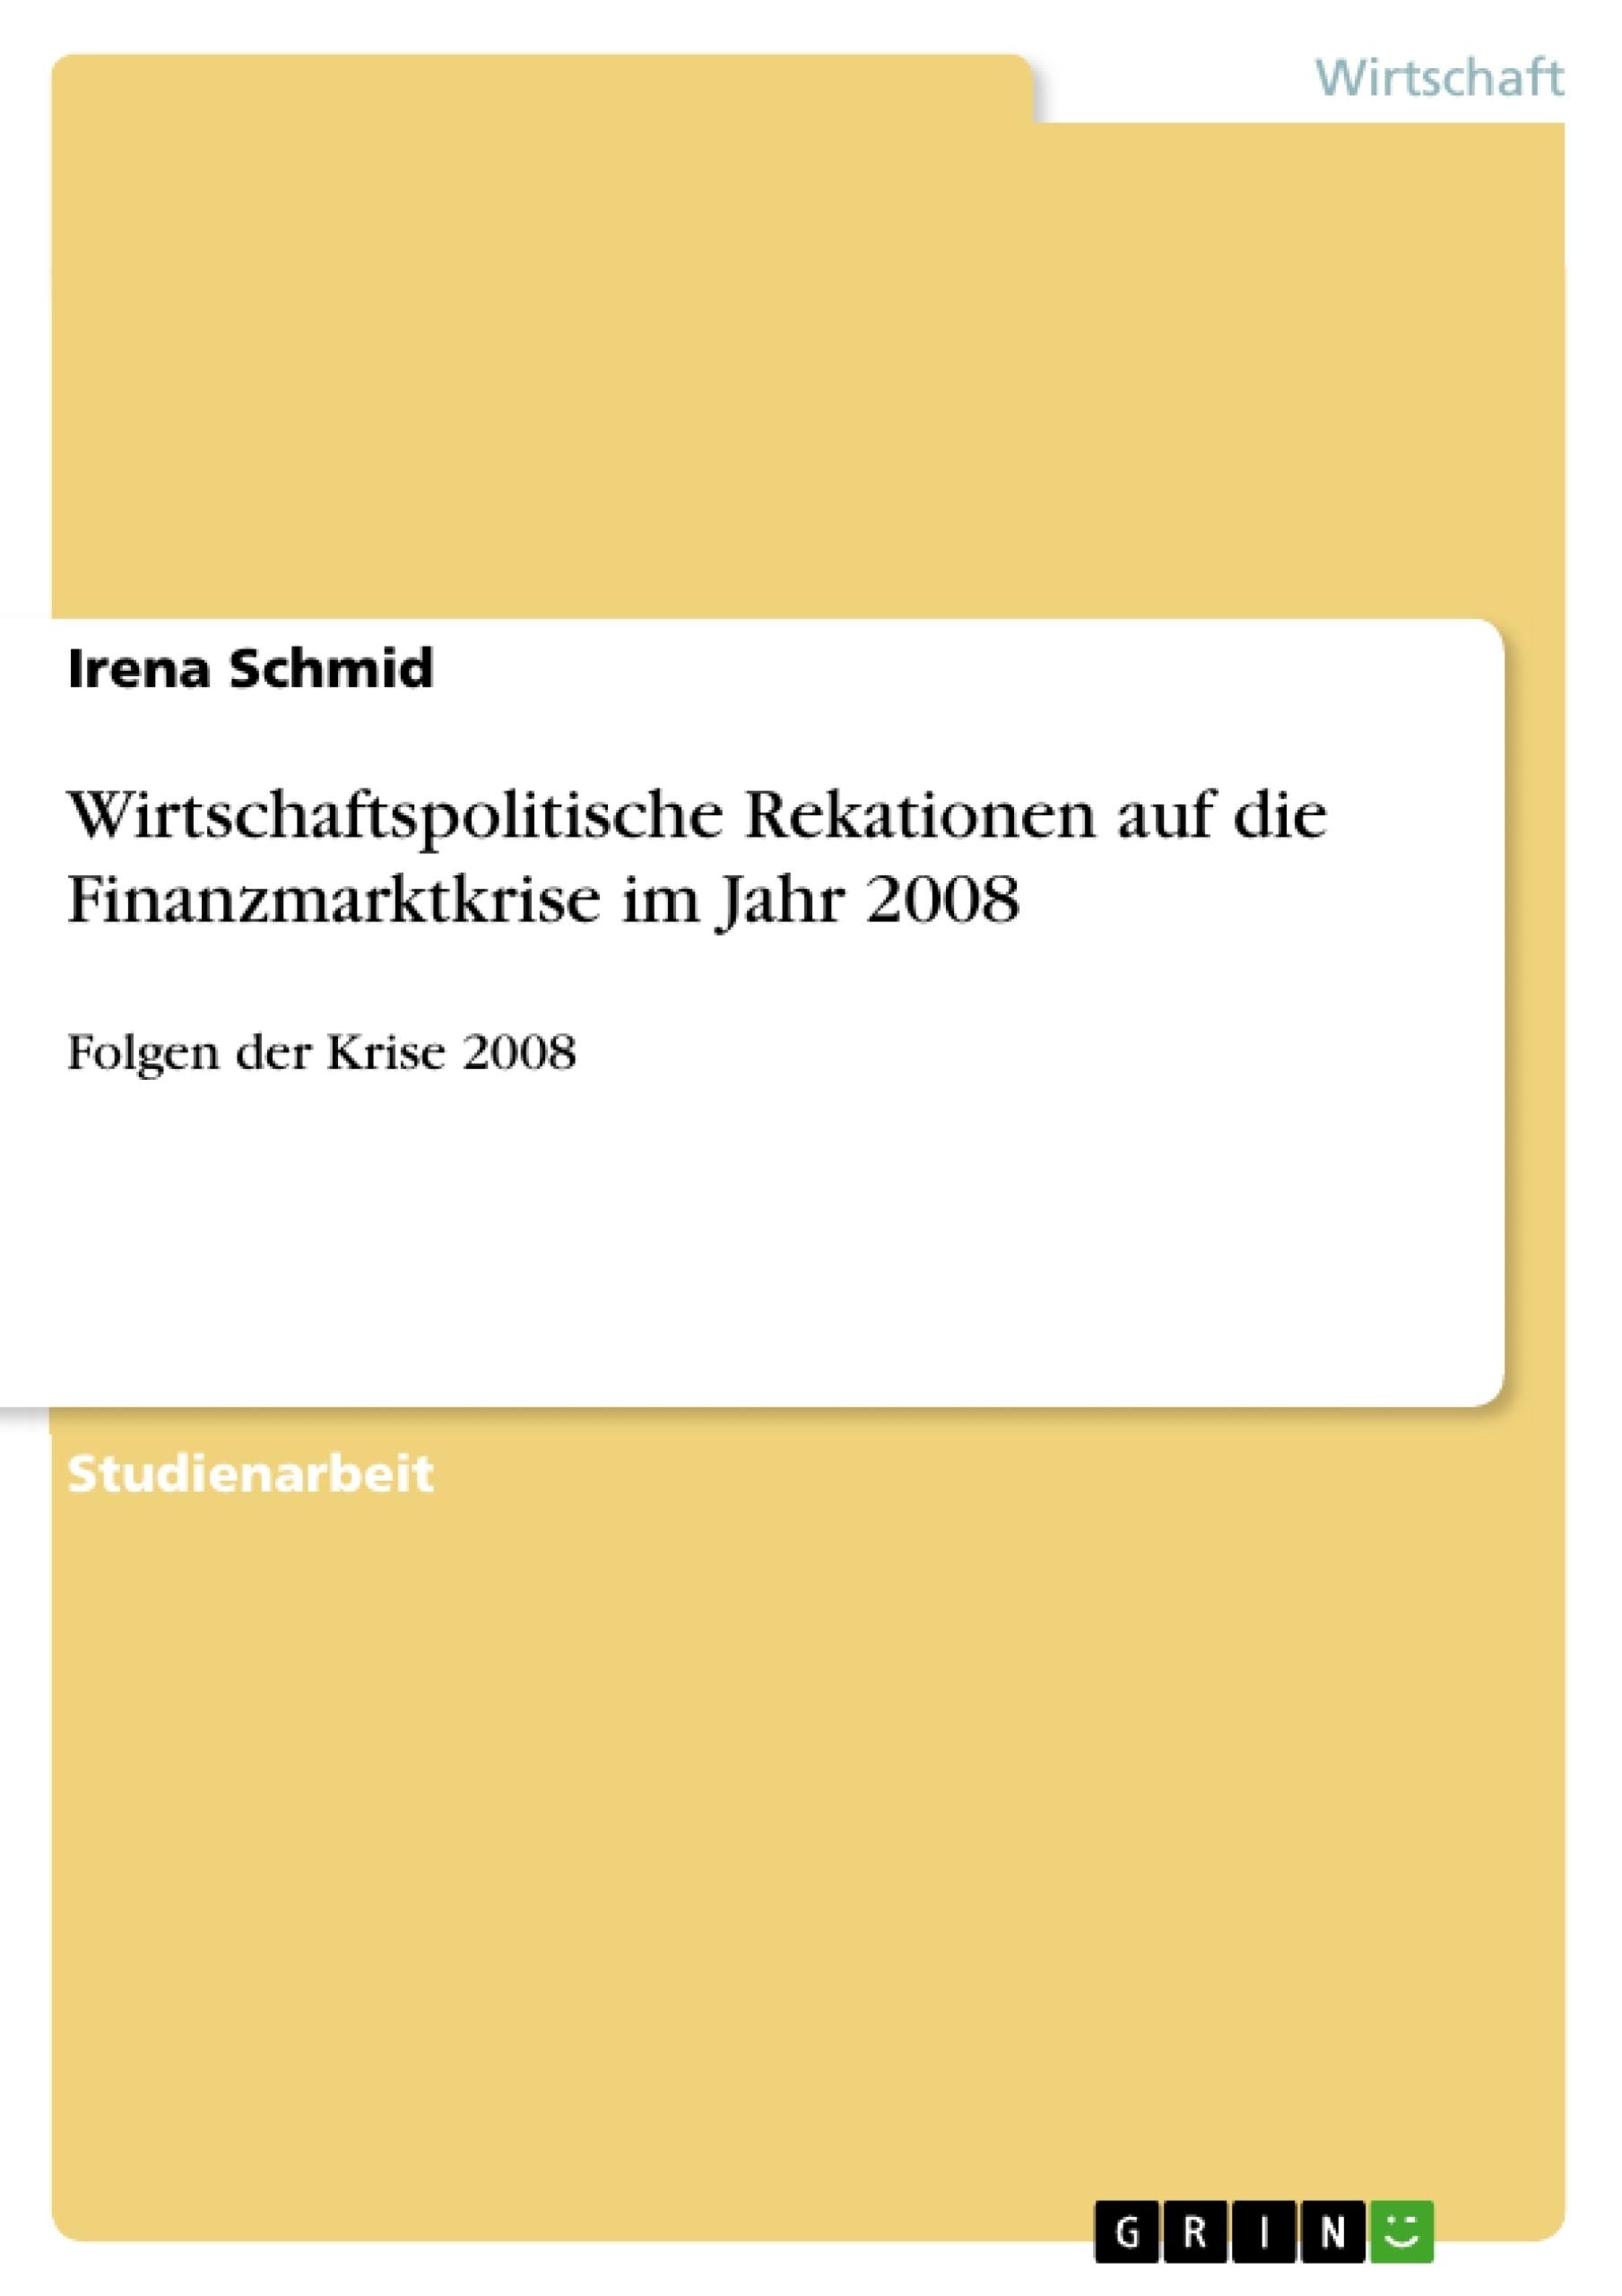 Titel: Wirtschaftspolitische Rekationen auf die Finanzmarktkrise im Jahr 2008